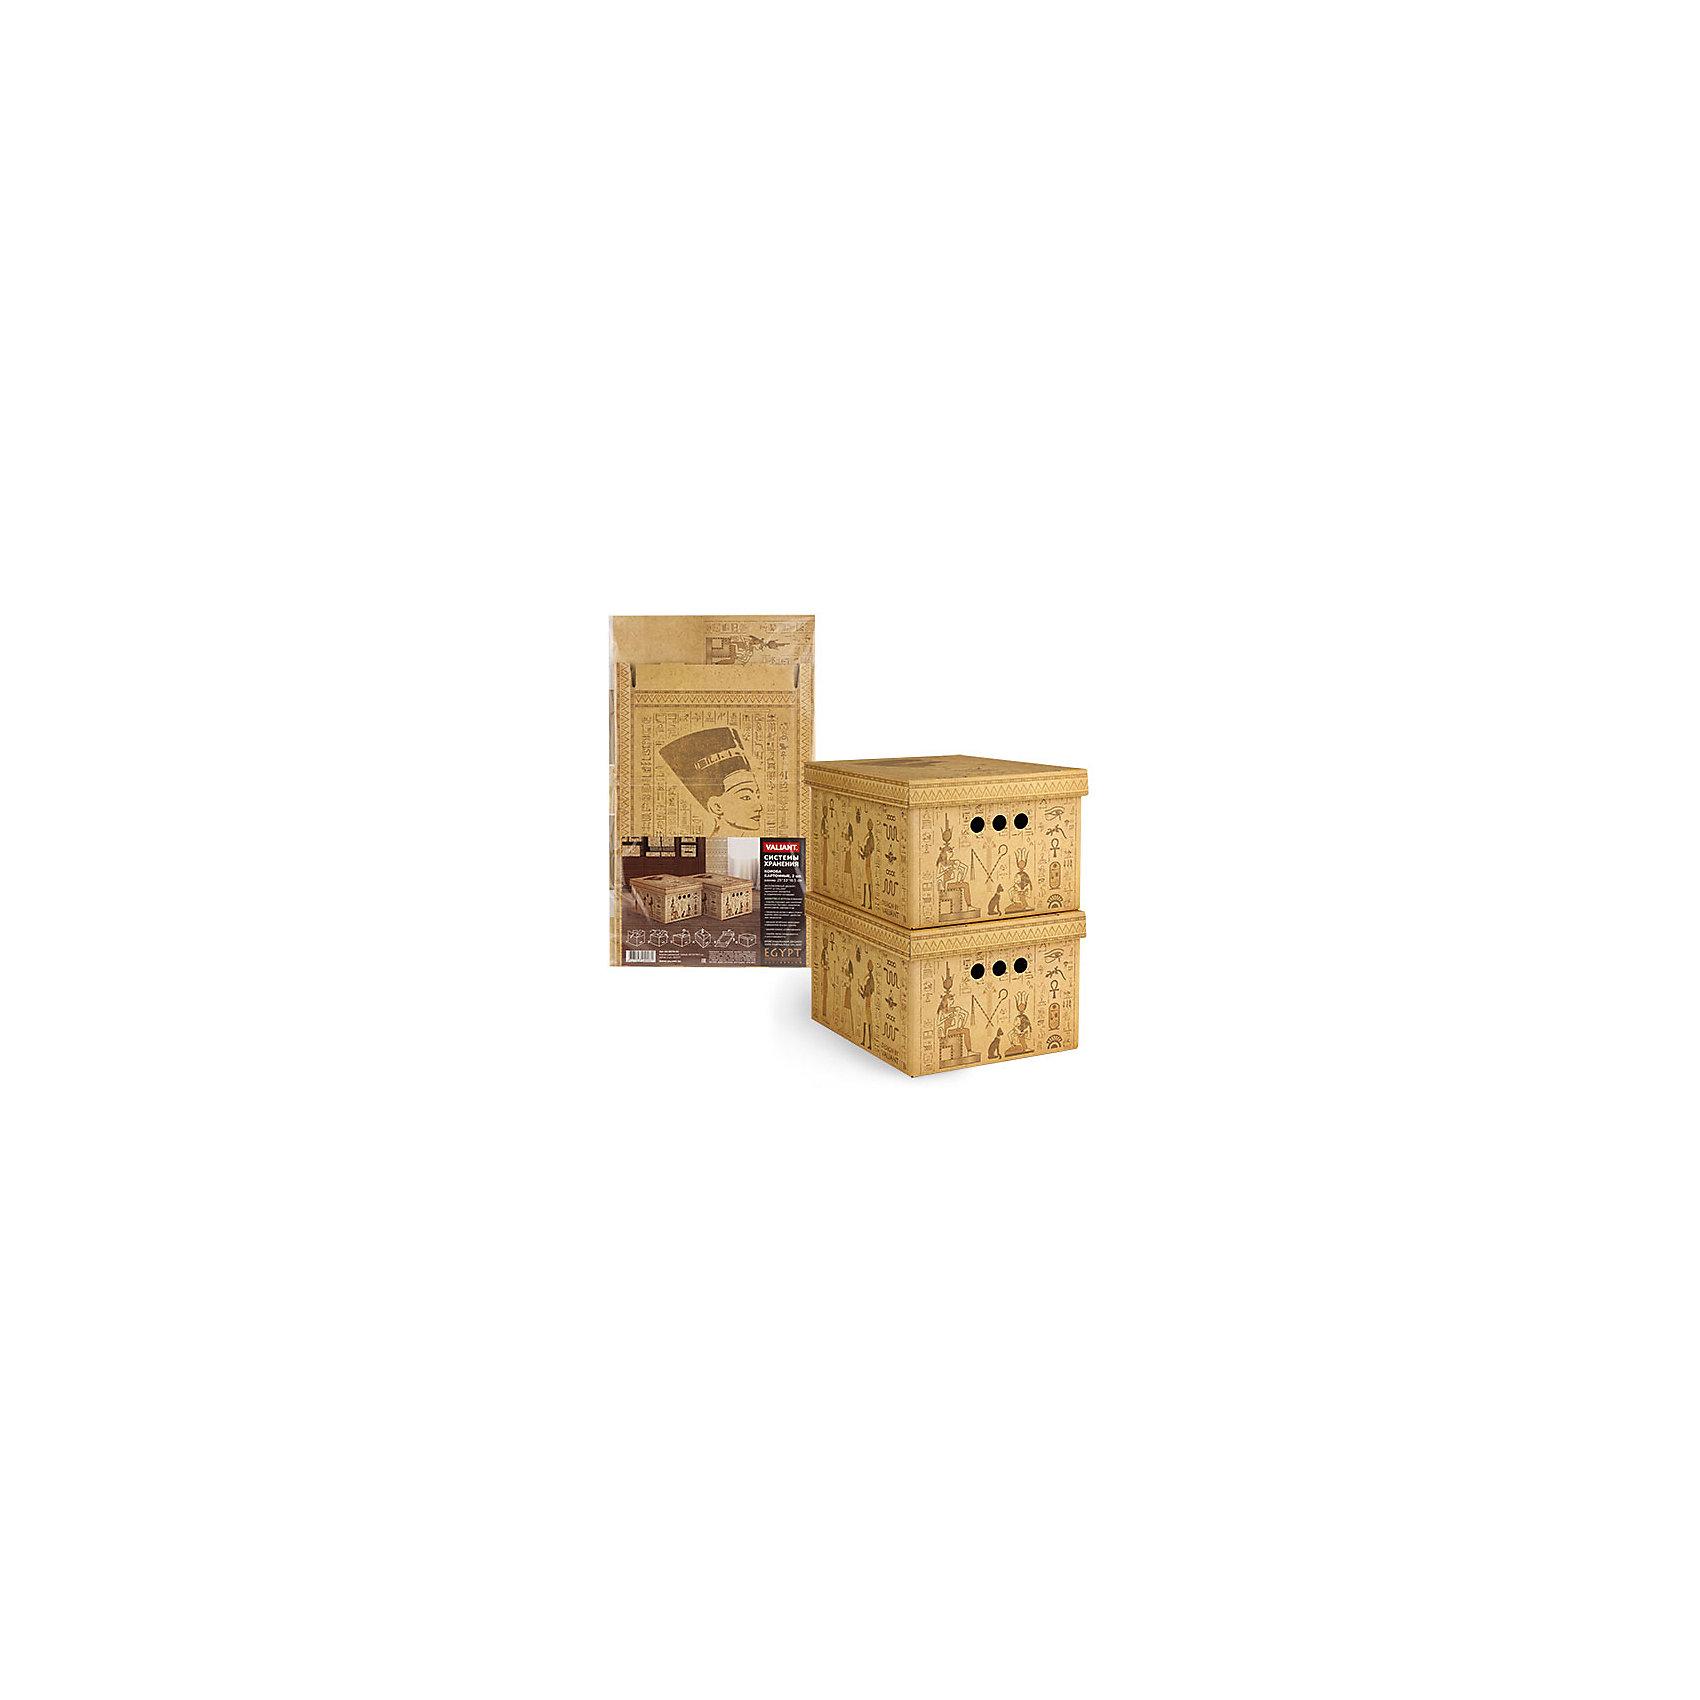 VALIANT Короб картонный, складной, малый, 25*33*18.5 см, 2 шт., EGYPT, Valiant купить экран короб в спб адреса